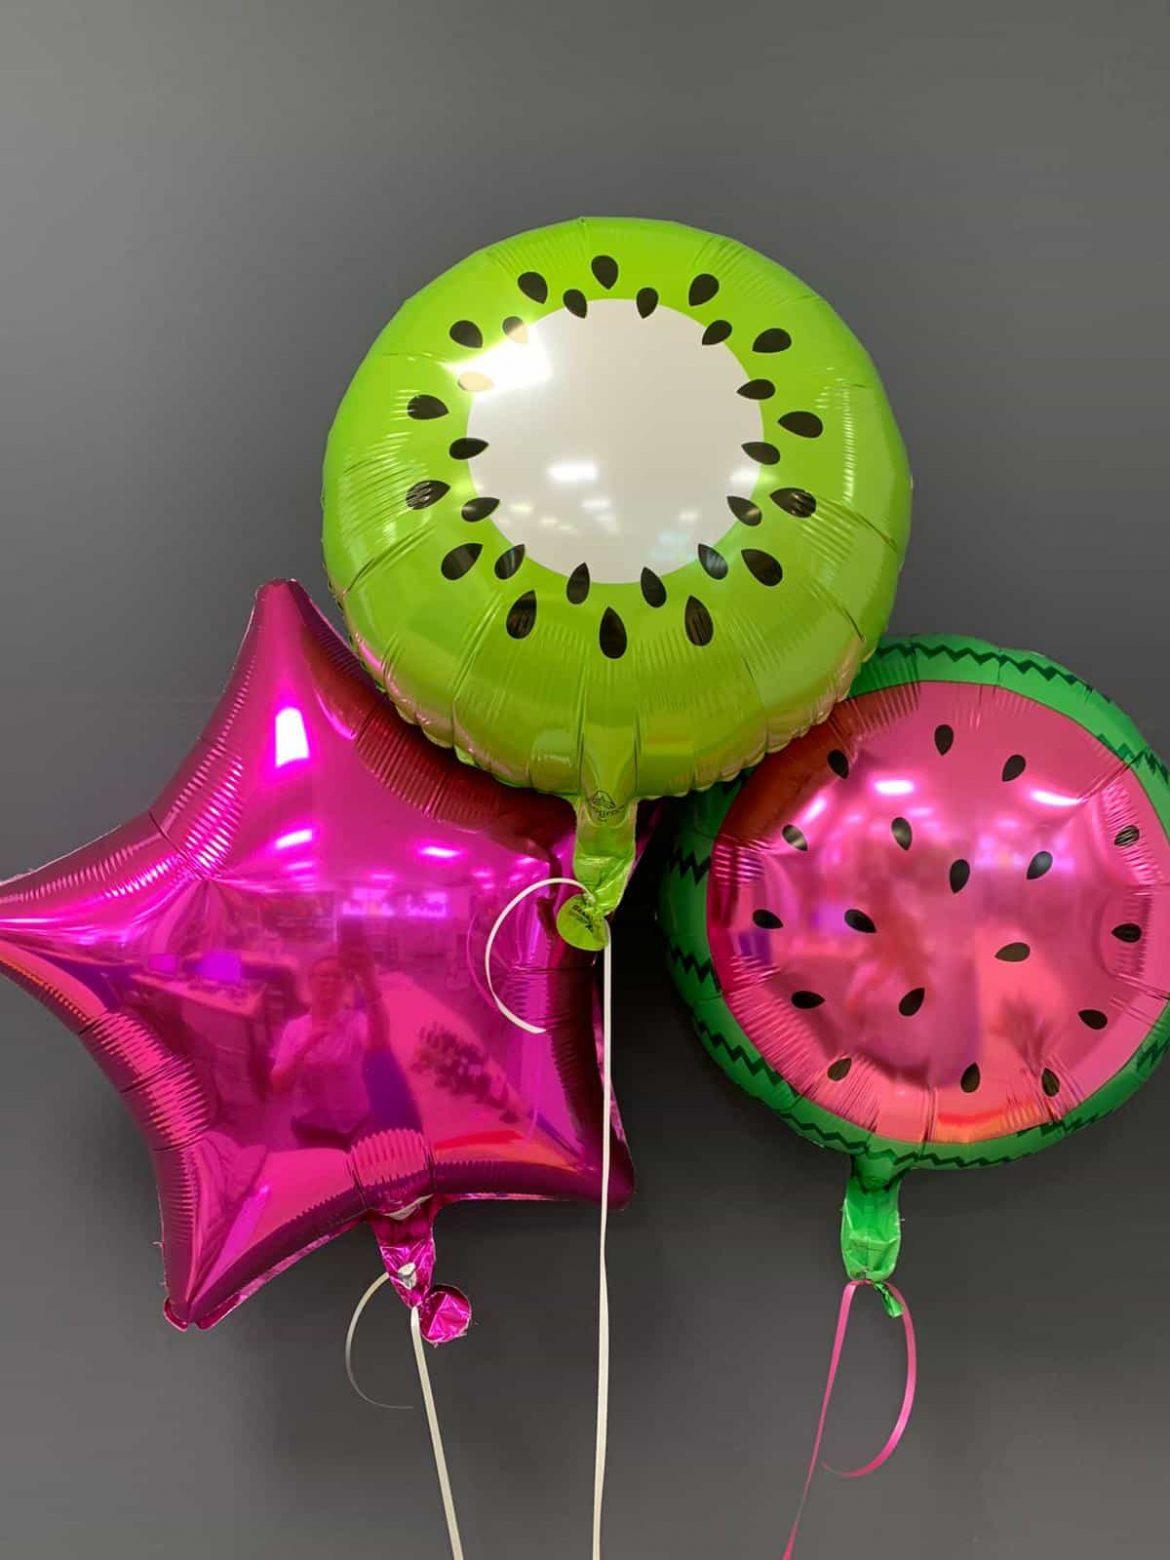 Obst Ballons € 5,50<br />Dekoballons € 4,50 1